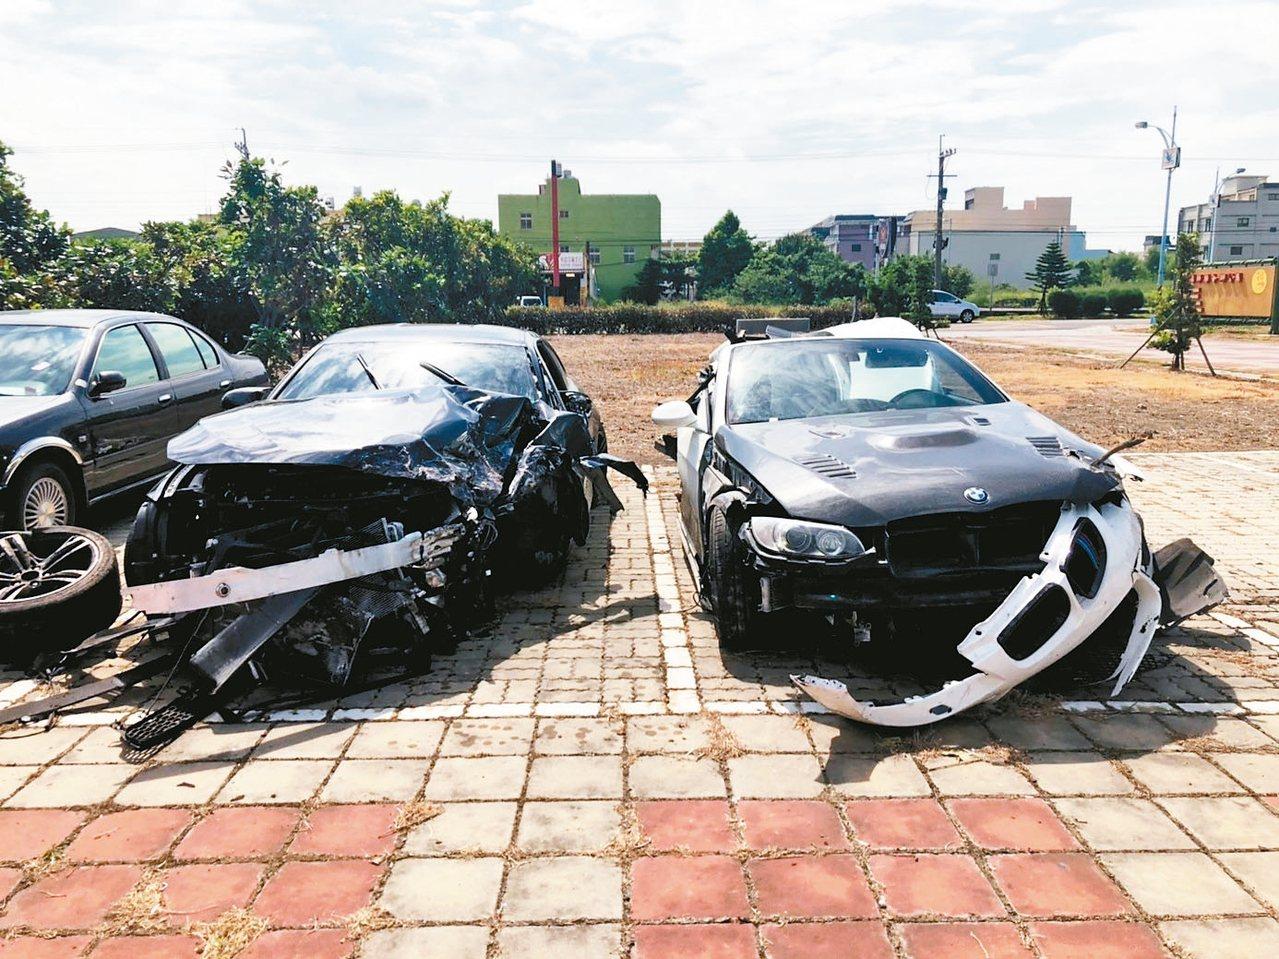 彰化縣伸港鄉濱二路二輛BMW汽車追撞成廢鐵,三人輕重傷。 記者林宛諭/翻攝